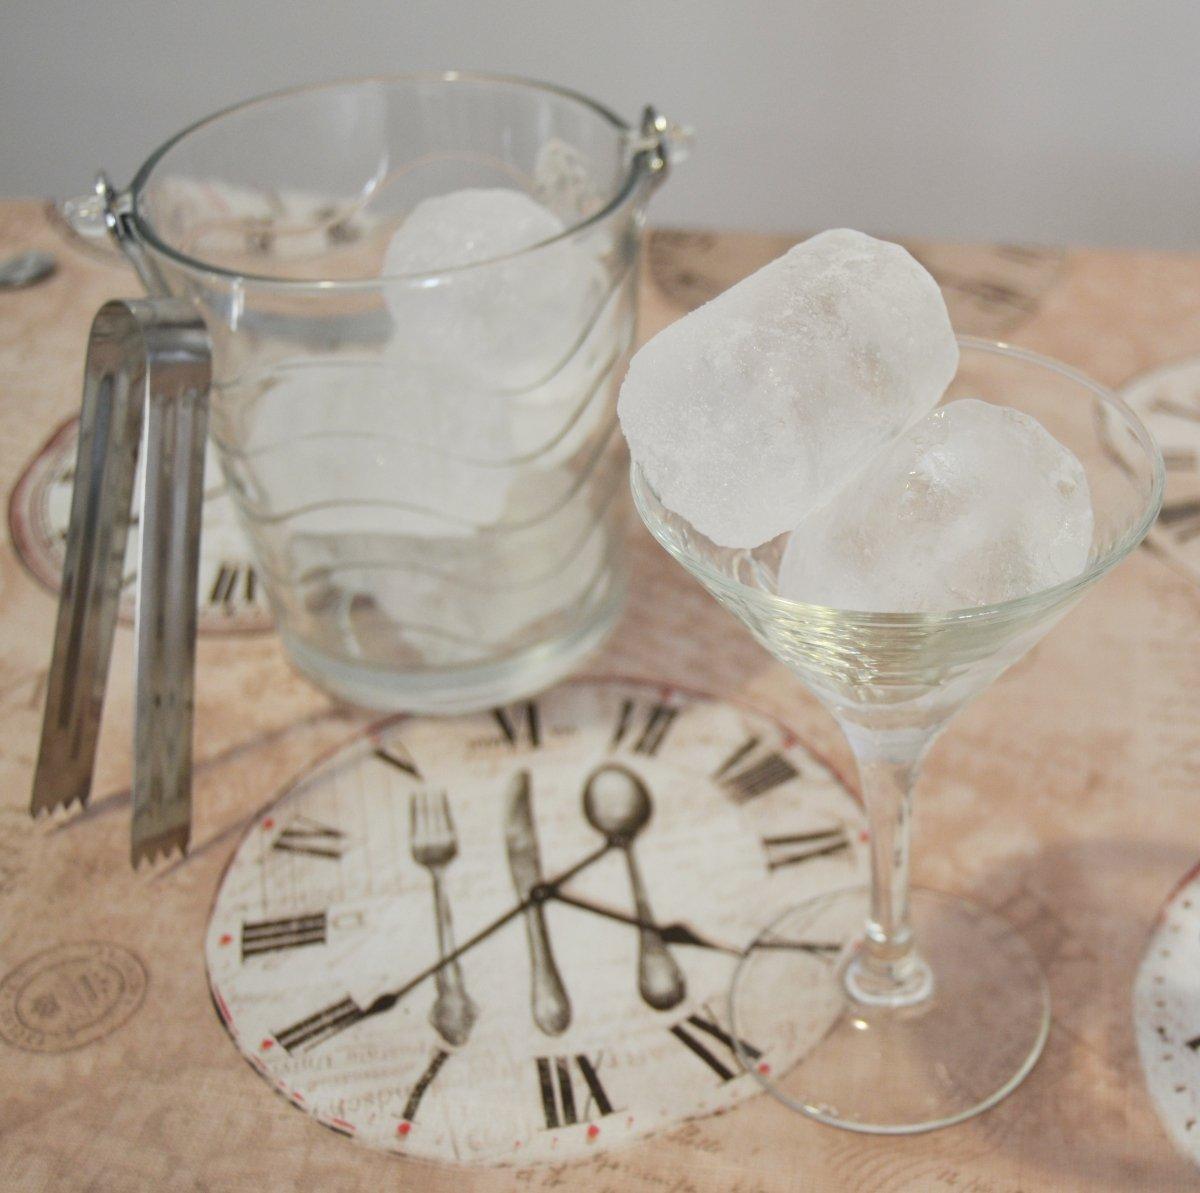 Una copa de cóctel fría